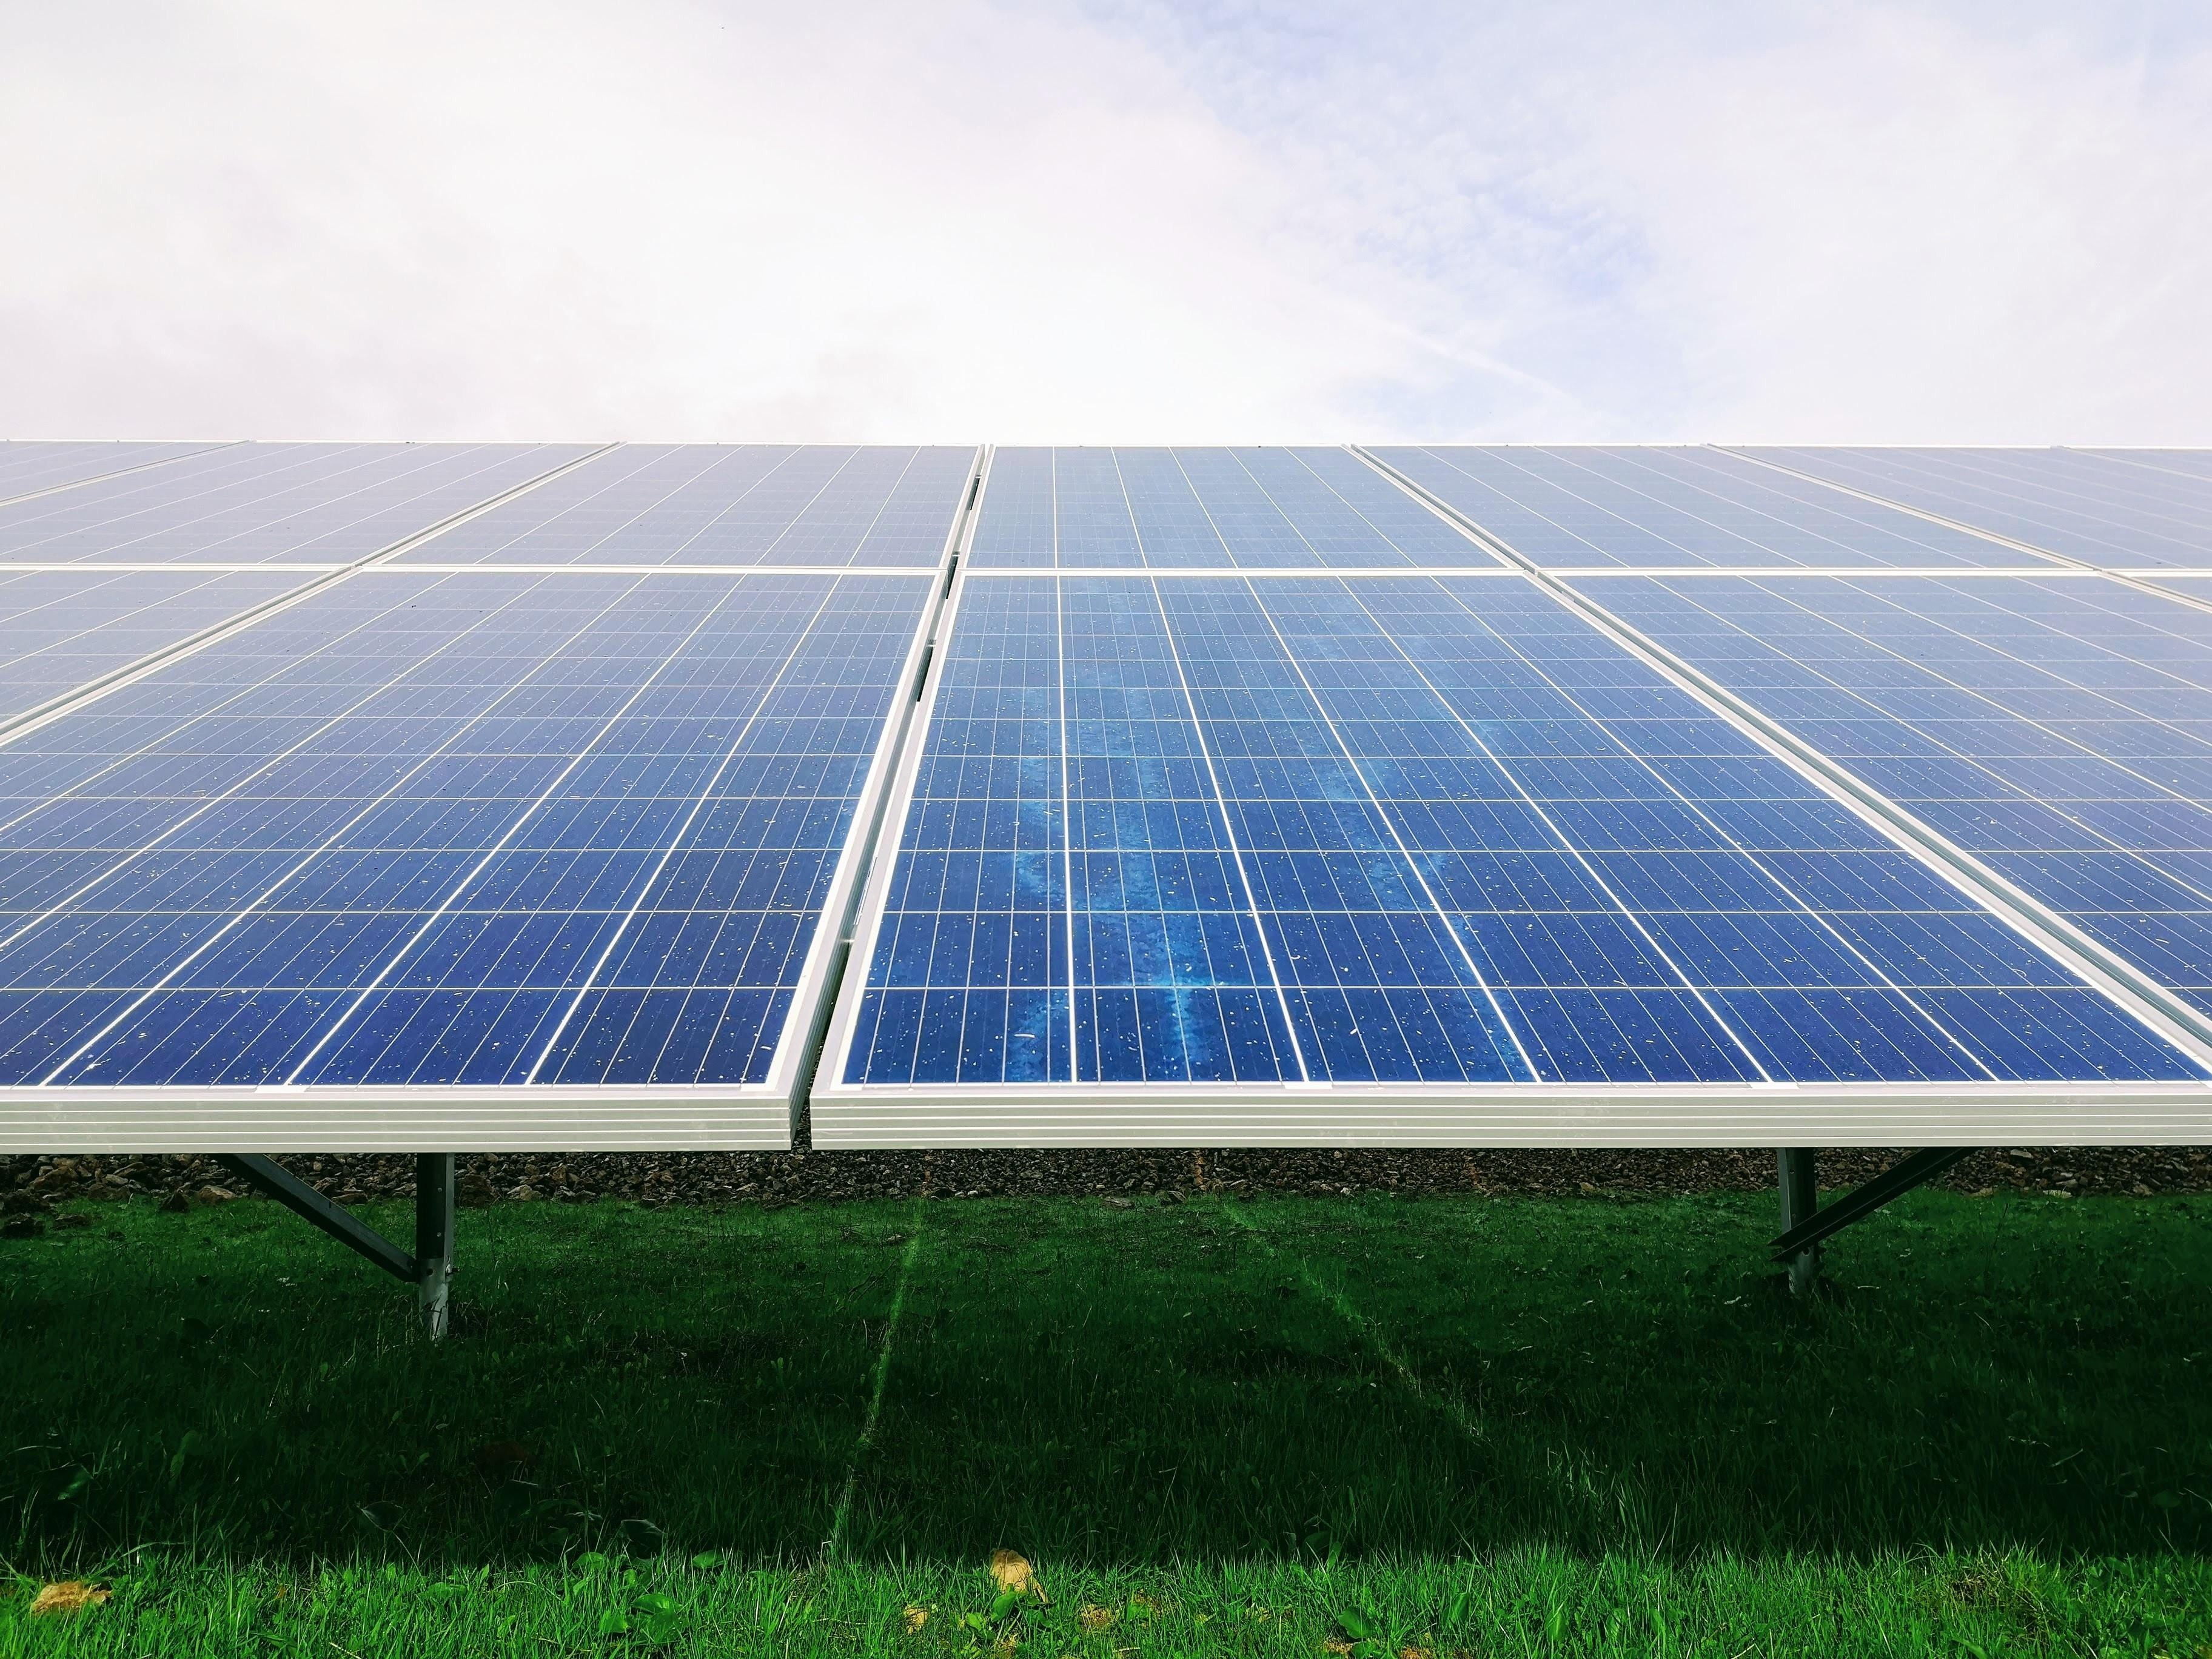 Czyszczenie kolektorów słonecznych wodą demineralizowaną